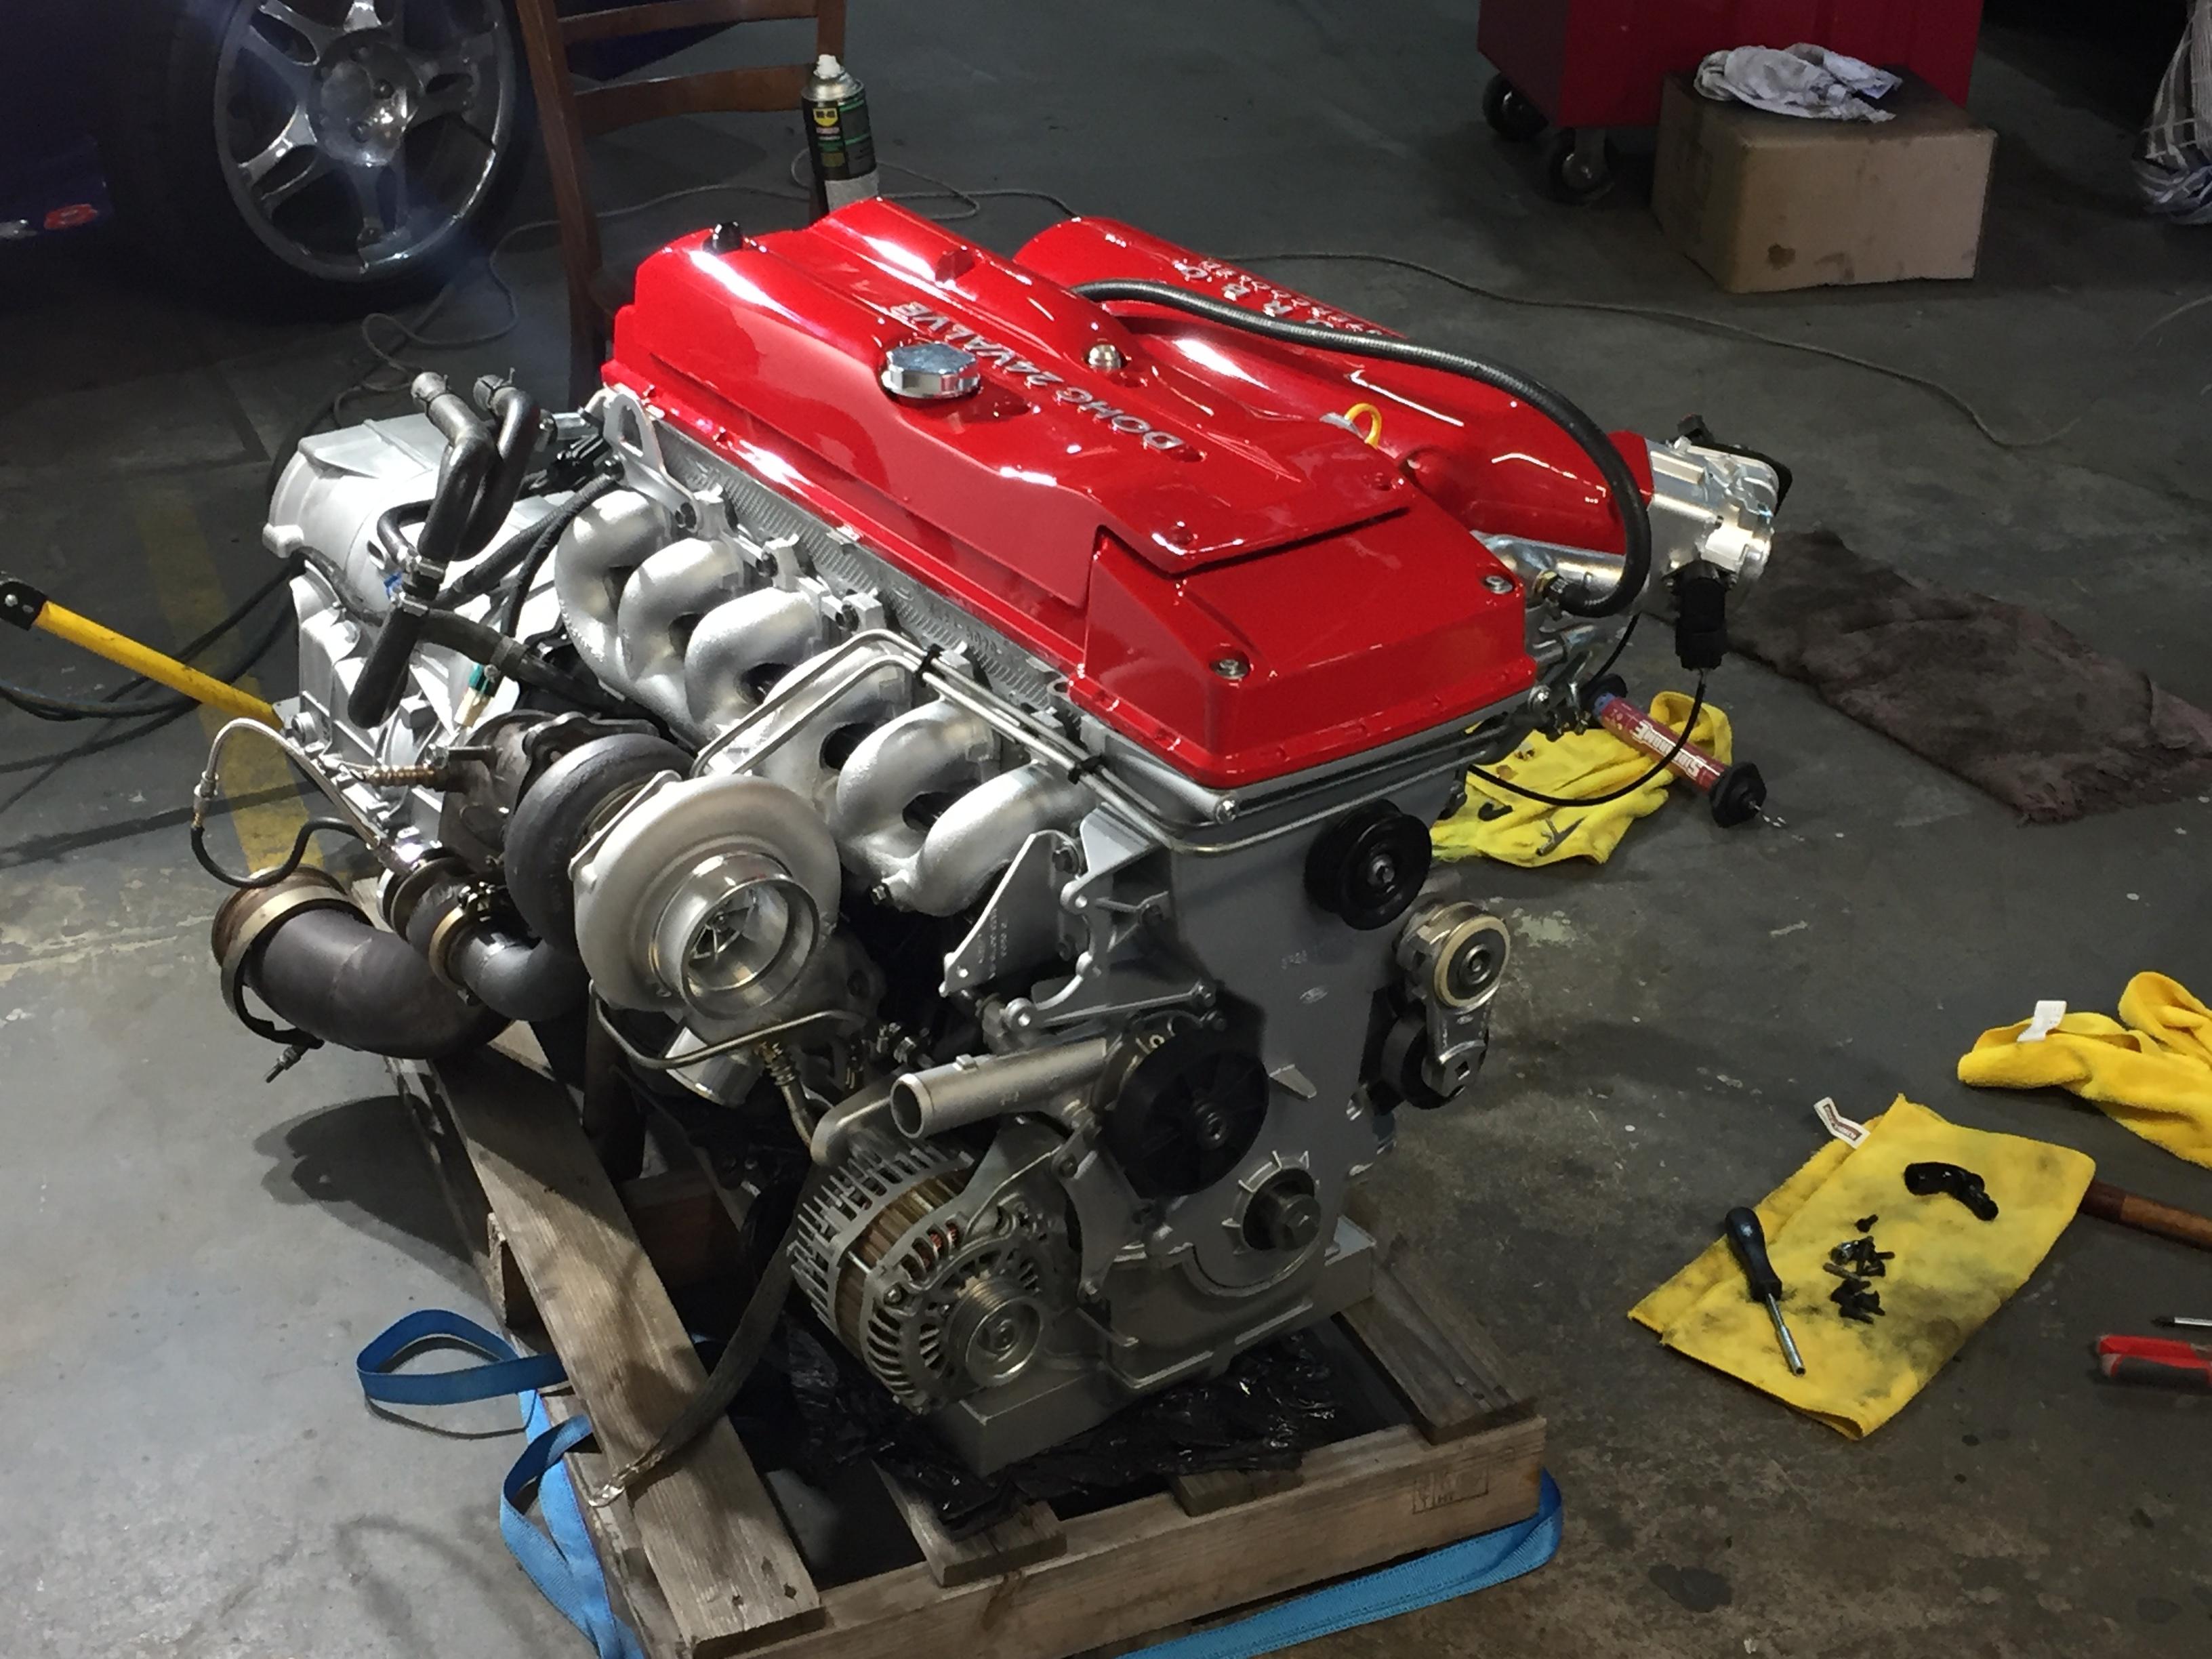 DMP Motor - Engine Workshop - Ford XR6 Turbo com